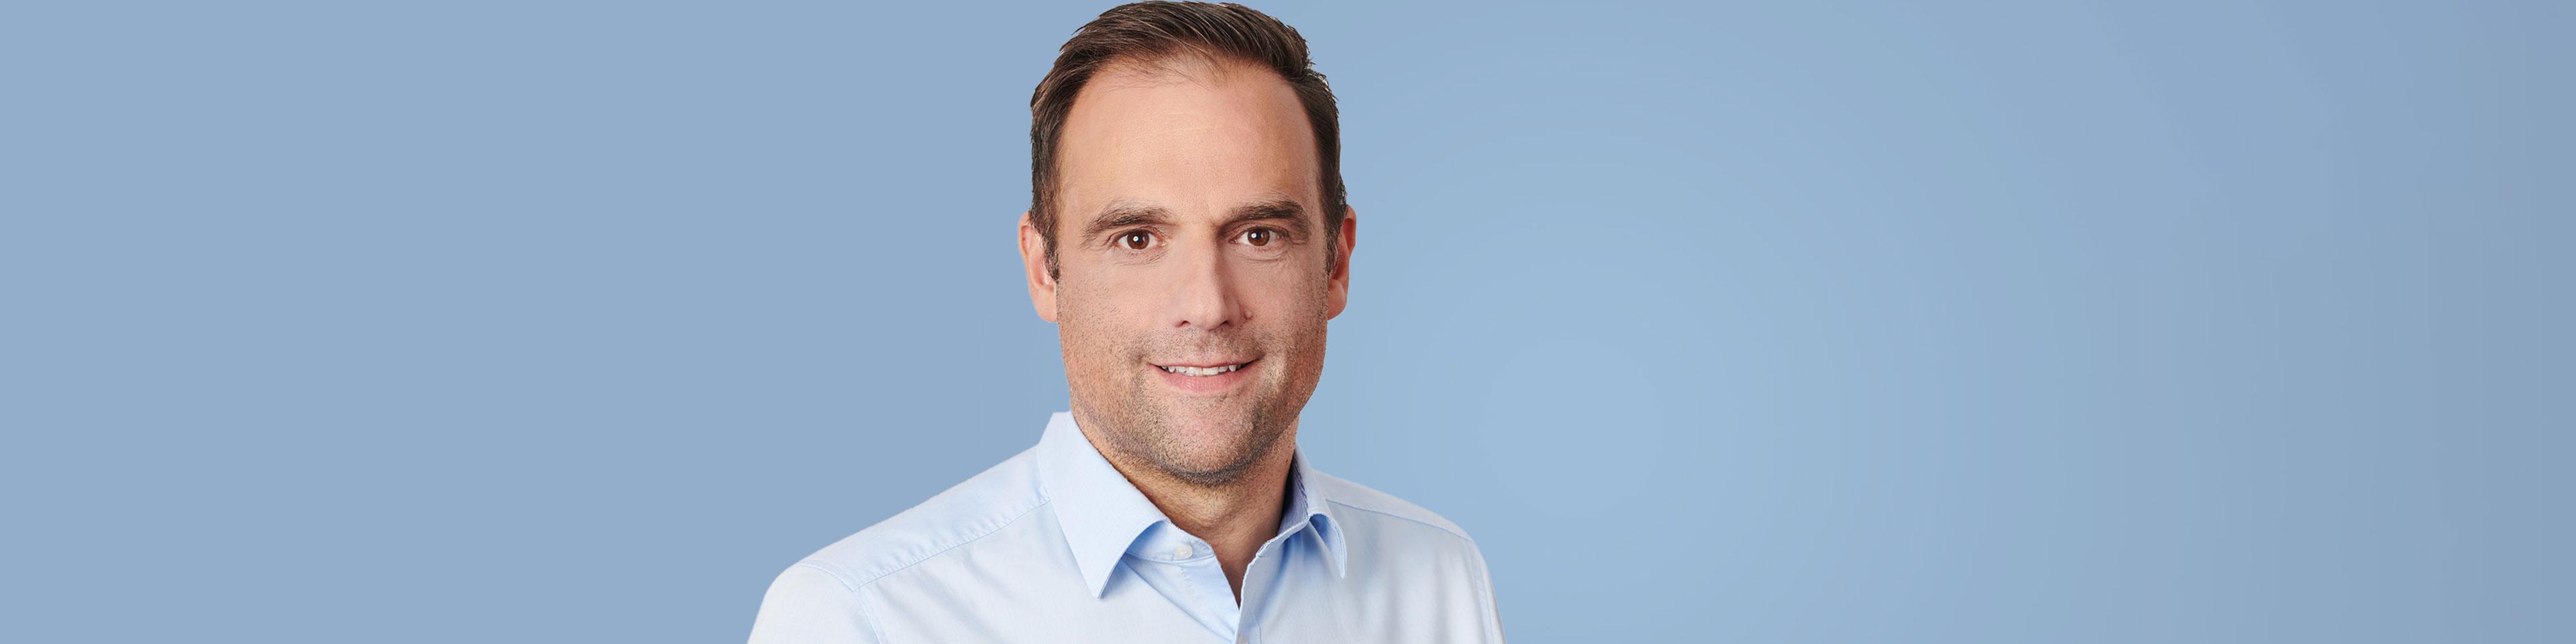 Interview mit Bernhard Münster zu CaseWorx